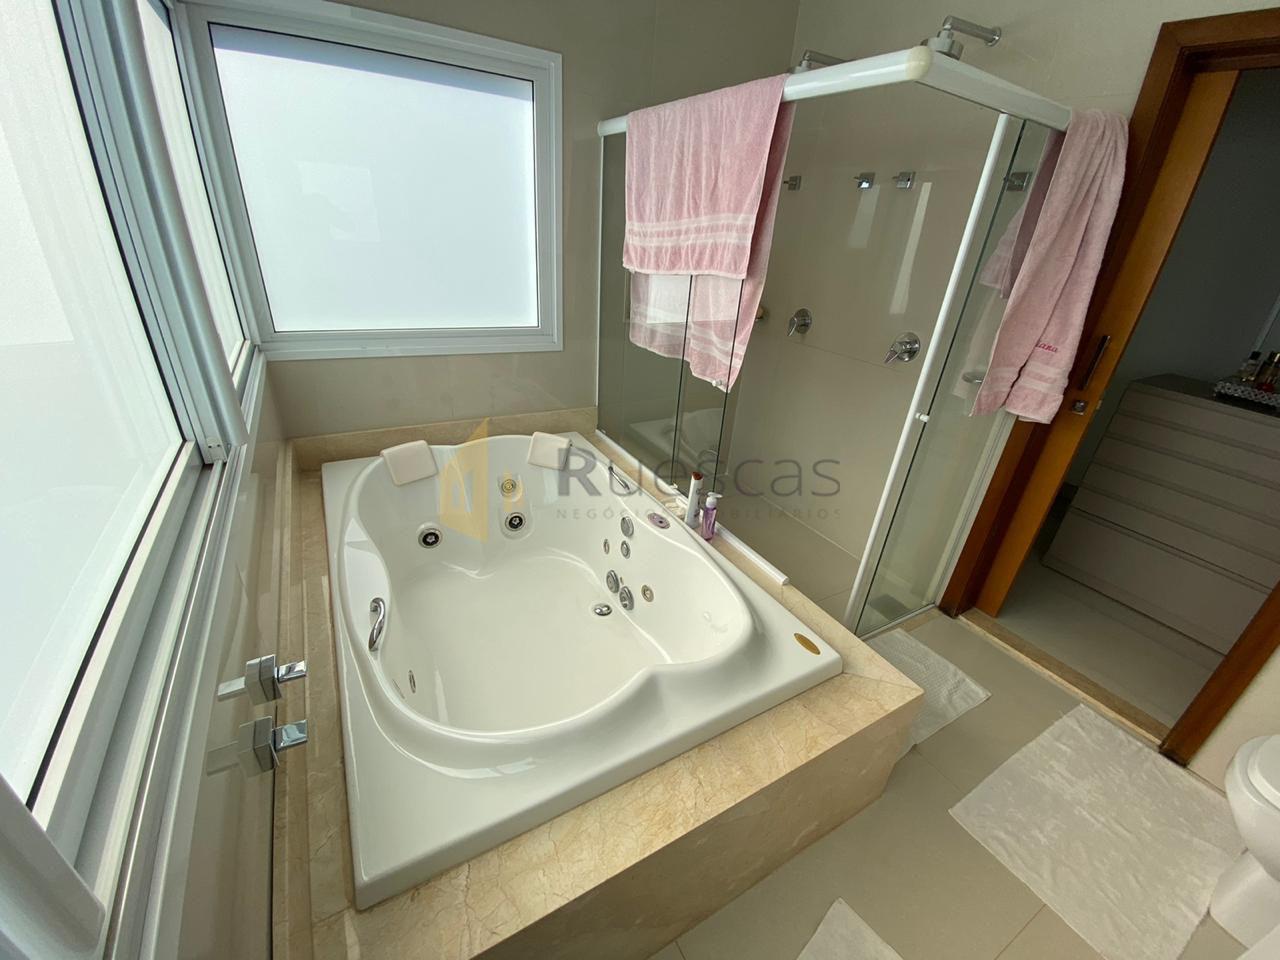 Casa em Condomínio 3 quartos à venda Parque Residencial Damha VI, São José do Rio Preto - R$ 1.500.000 - 1168 - 24